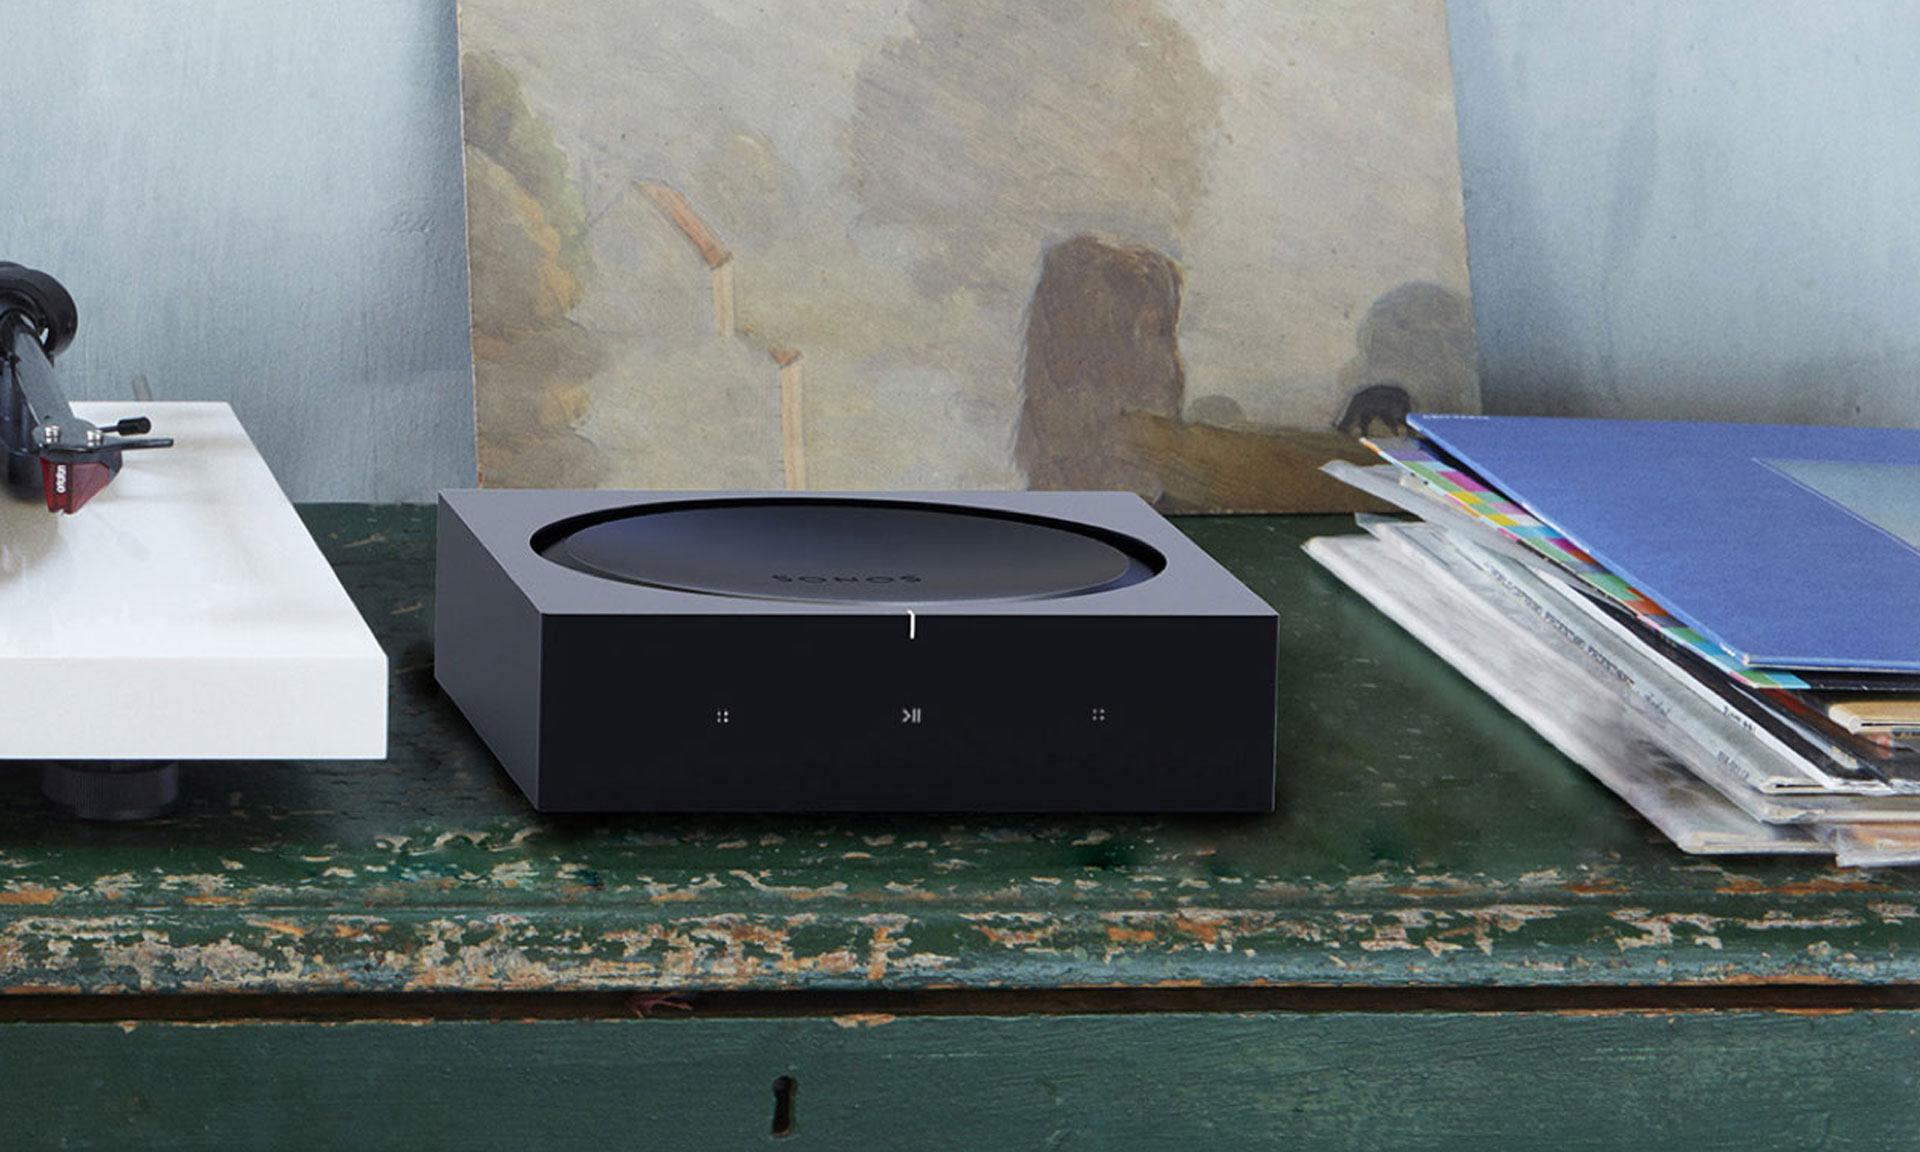 Il nuovo Amp Sonos. L'amplificatore versatile per alimentare il tuo intrattenimento